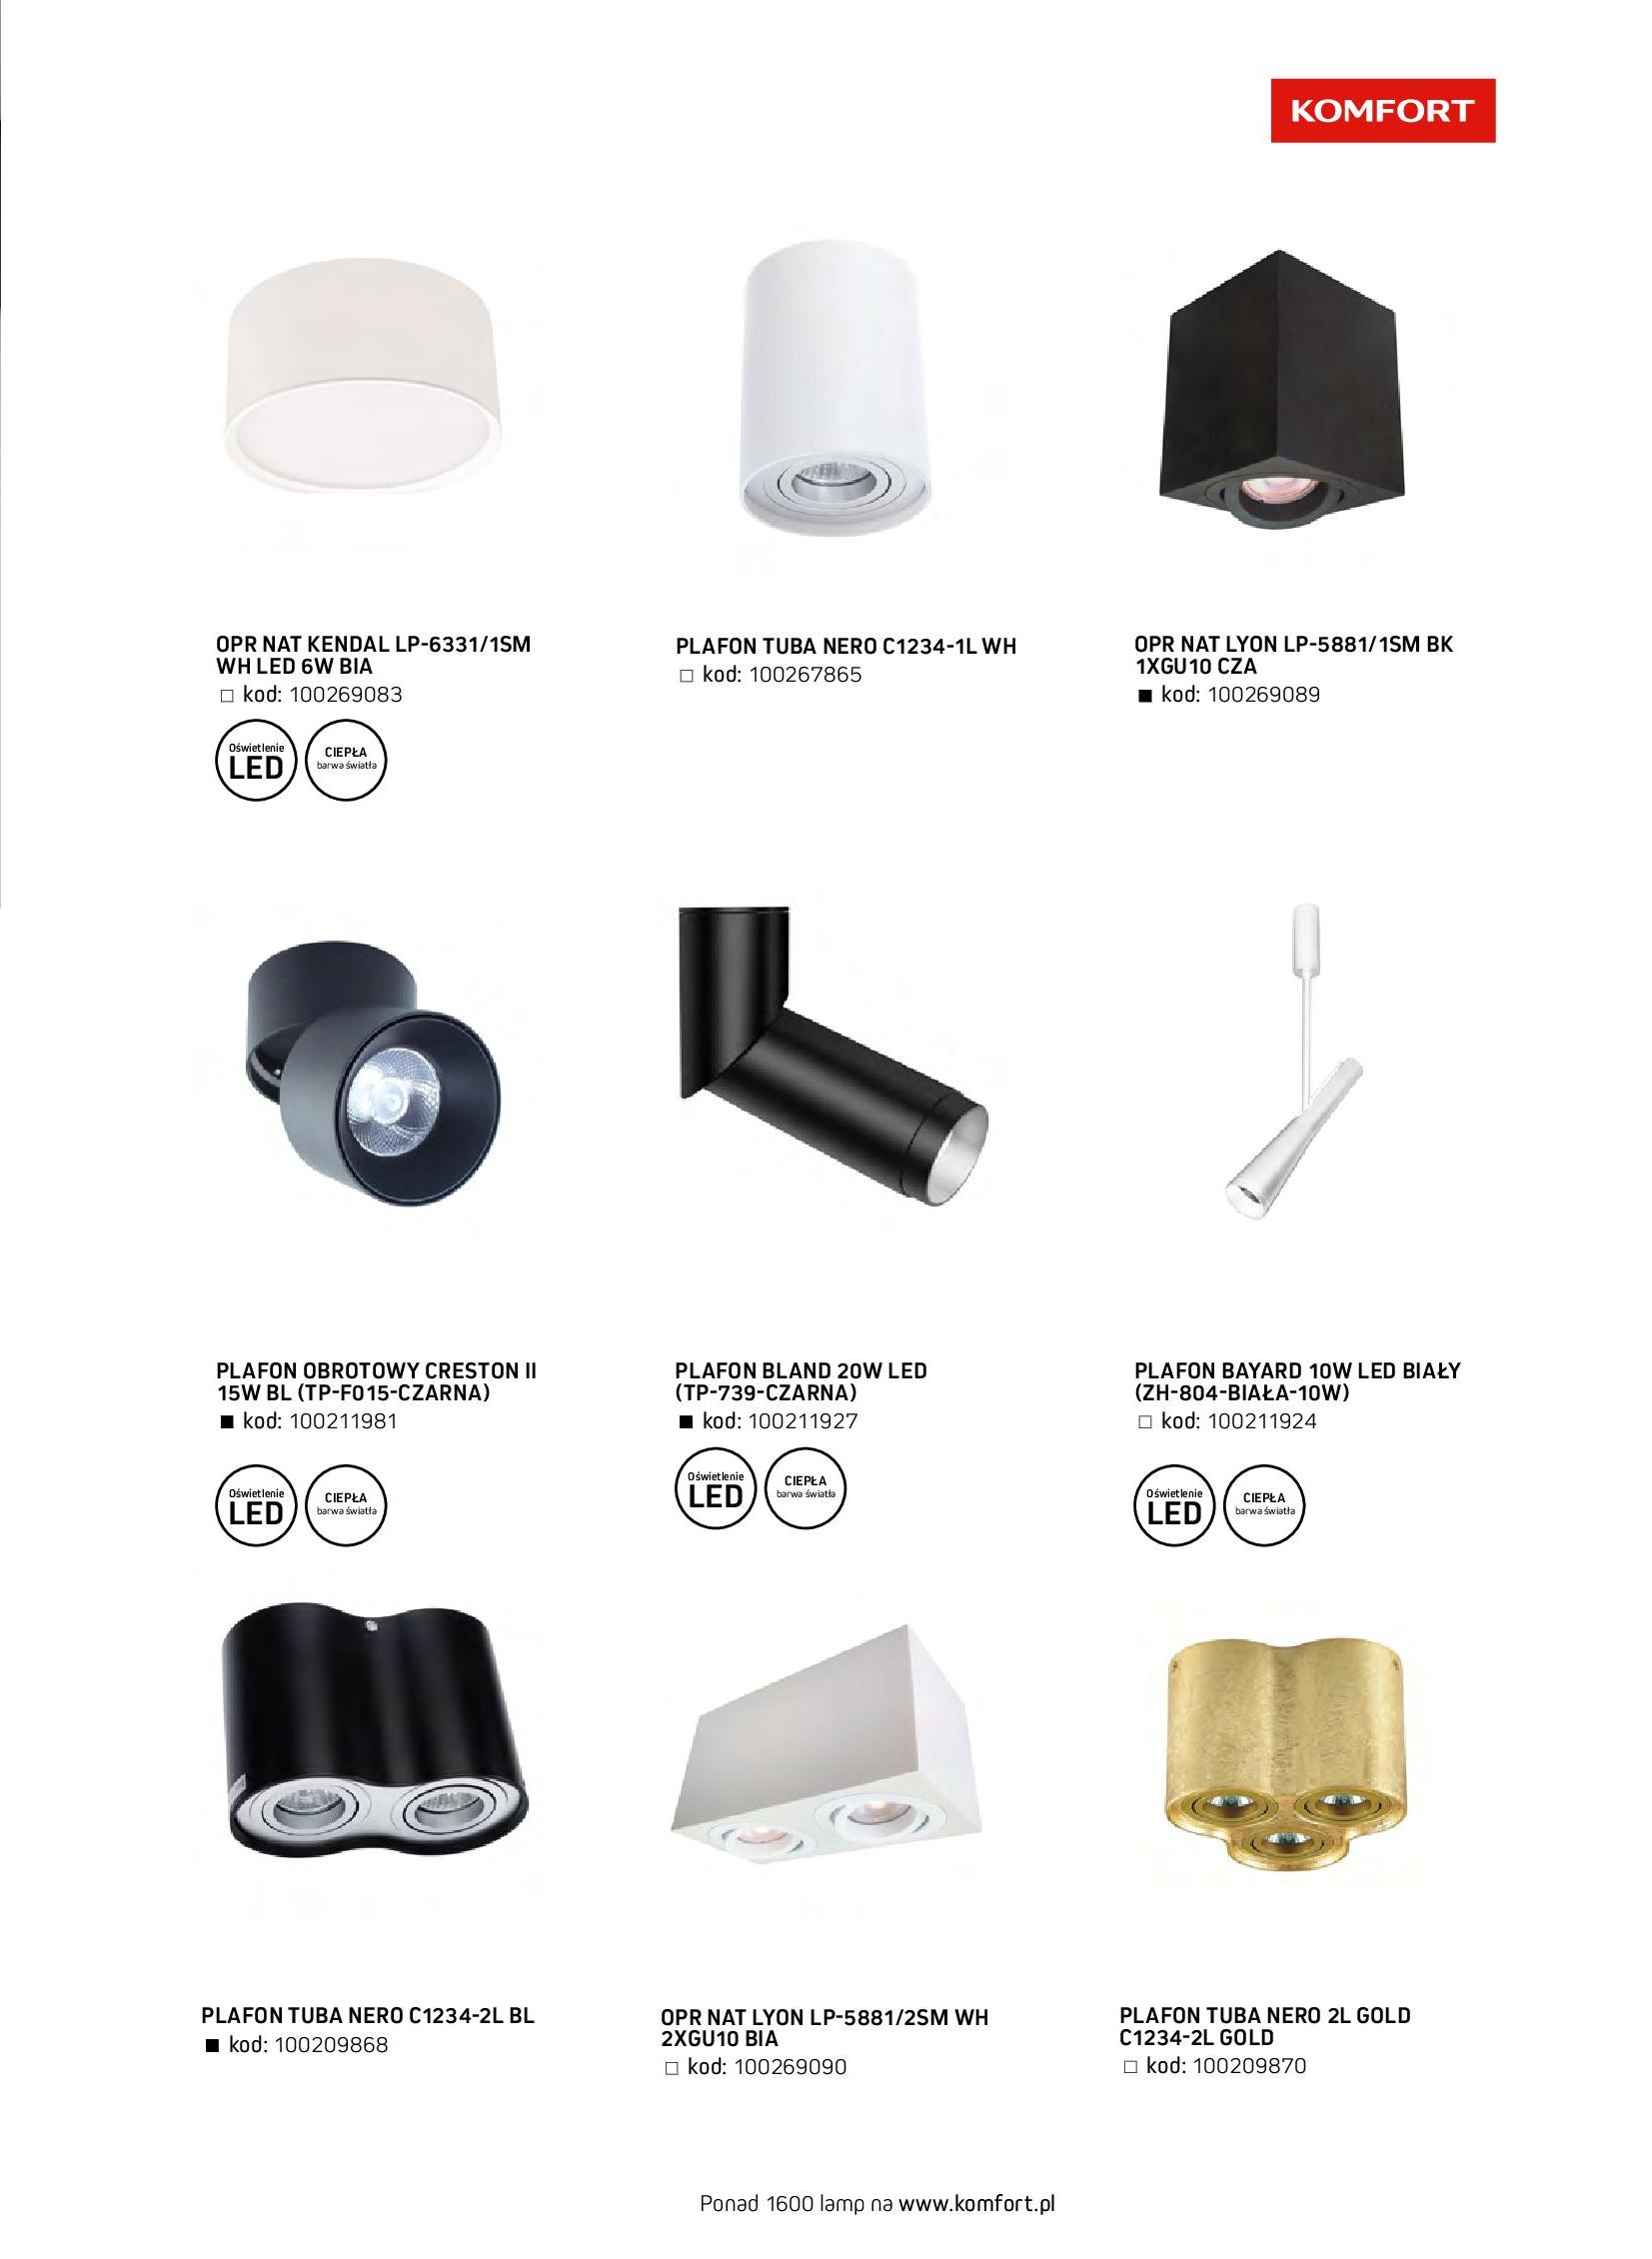 Gazetka Komfort: Gazetka komfort - Meble i oświetlenie 2021-08-26 page-79